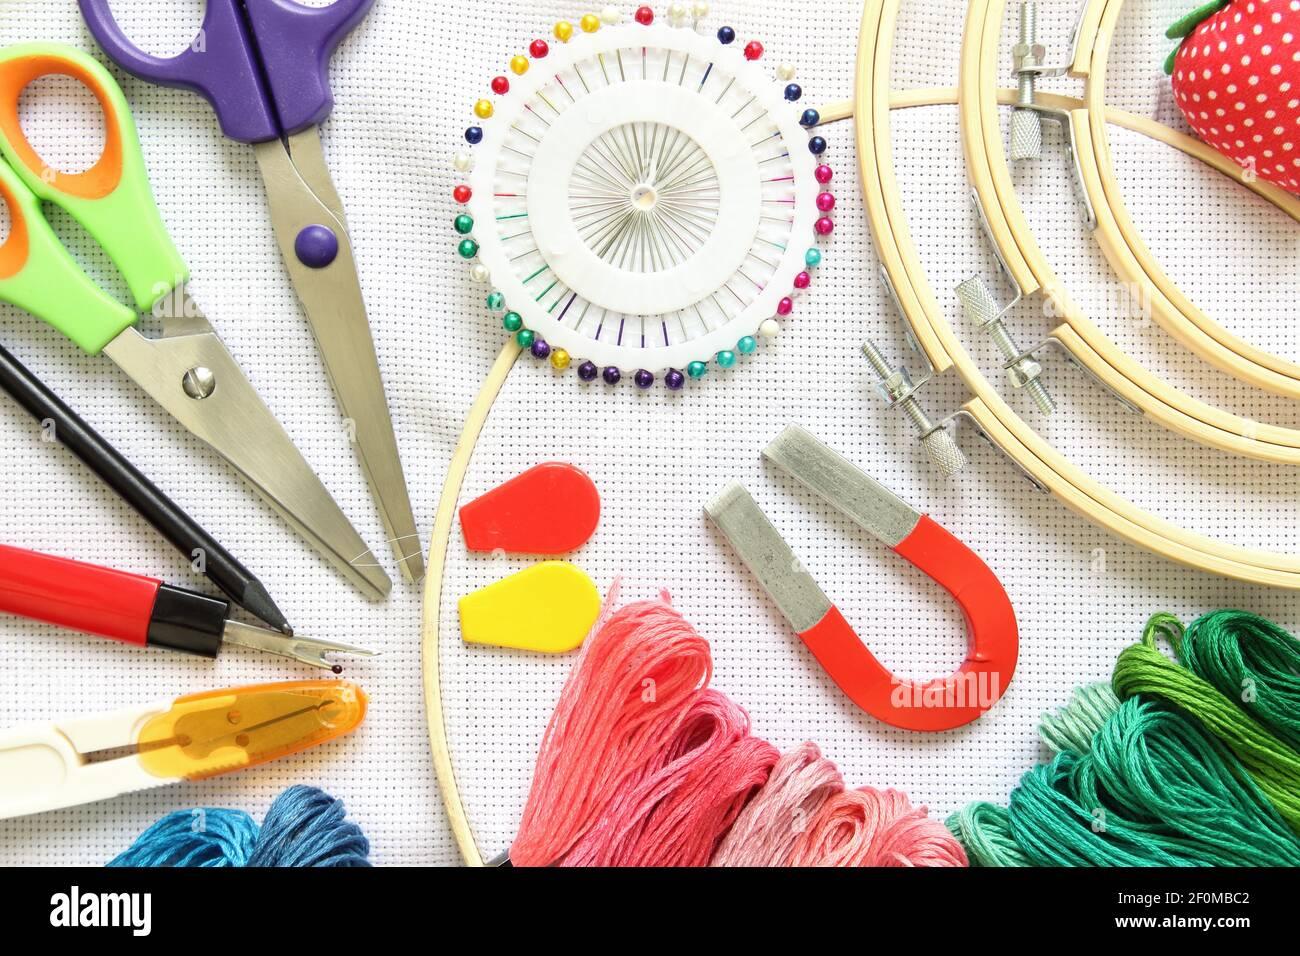 aro de bordado con accesorio de costura, tijeras, hilos de bordado y aguja sobre una tela blanca Foto de stock